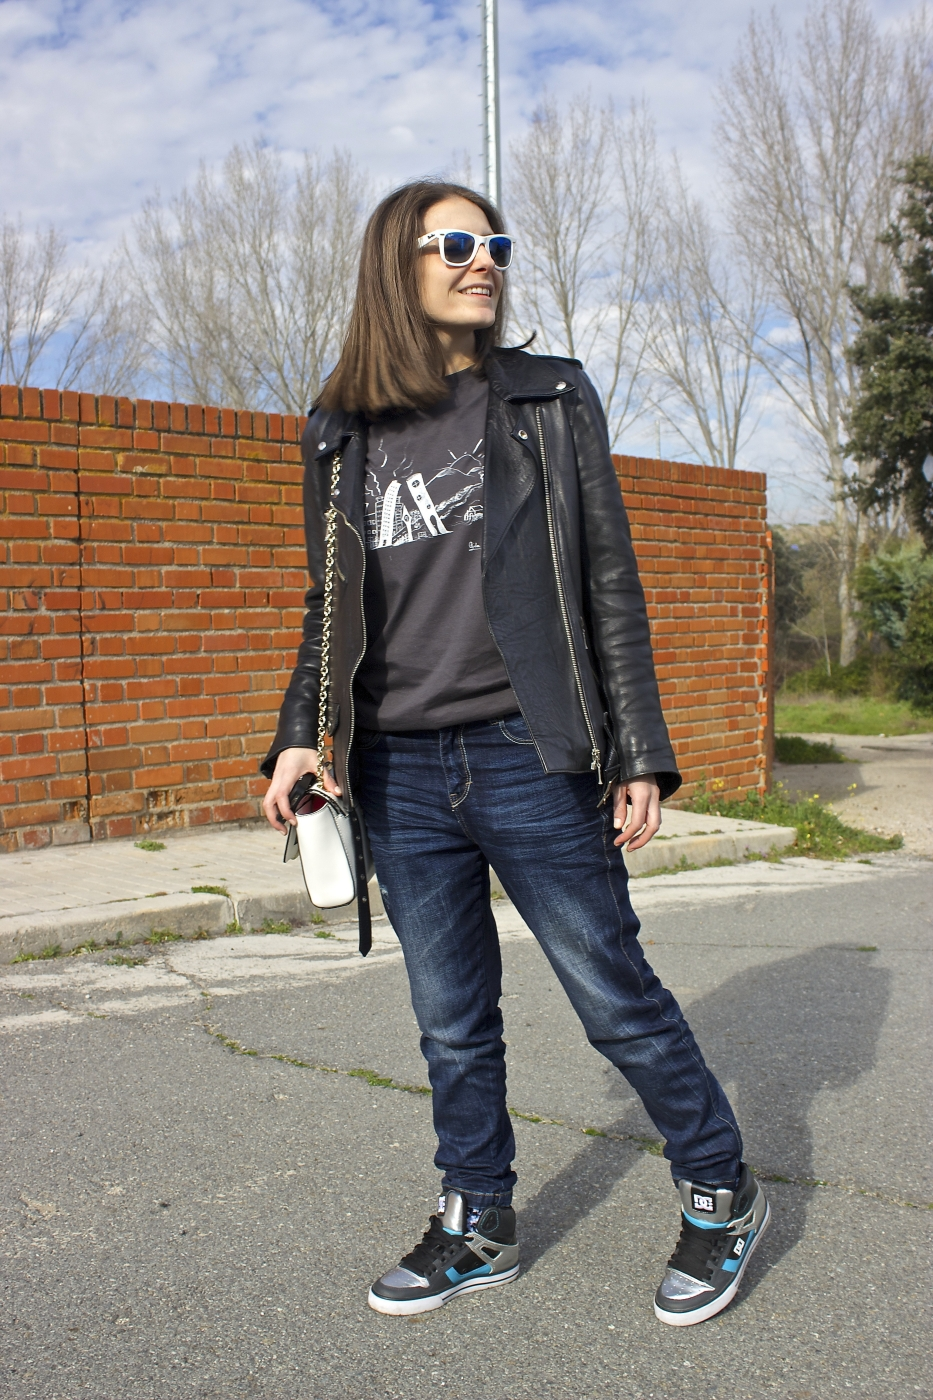 lara-vazquez-mad-lula-style-streetstyle-fashion-leather-sporty-ootd